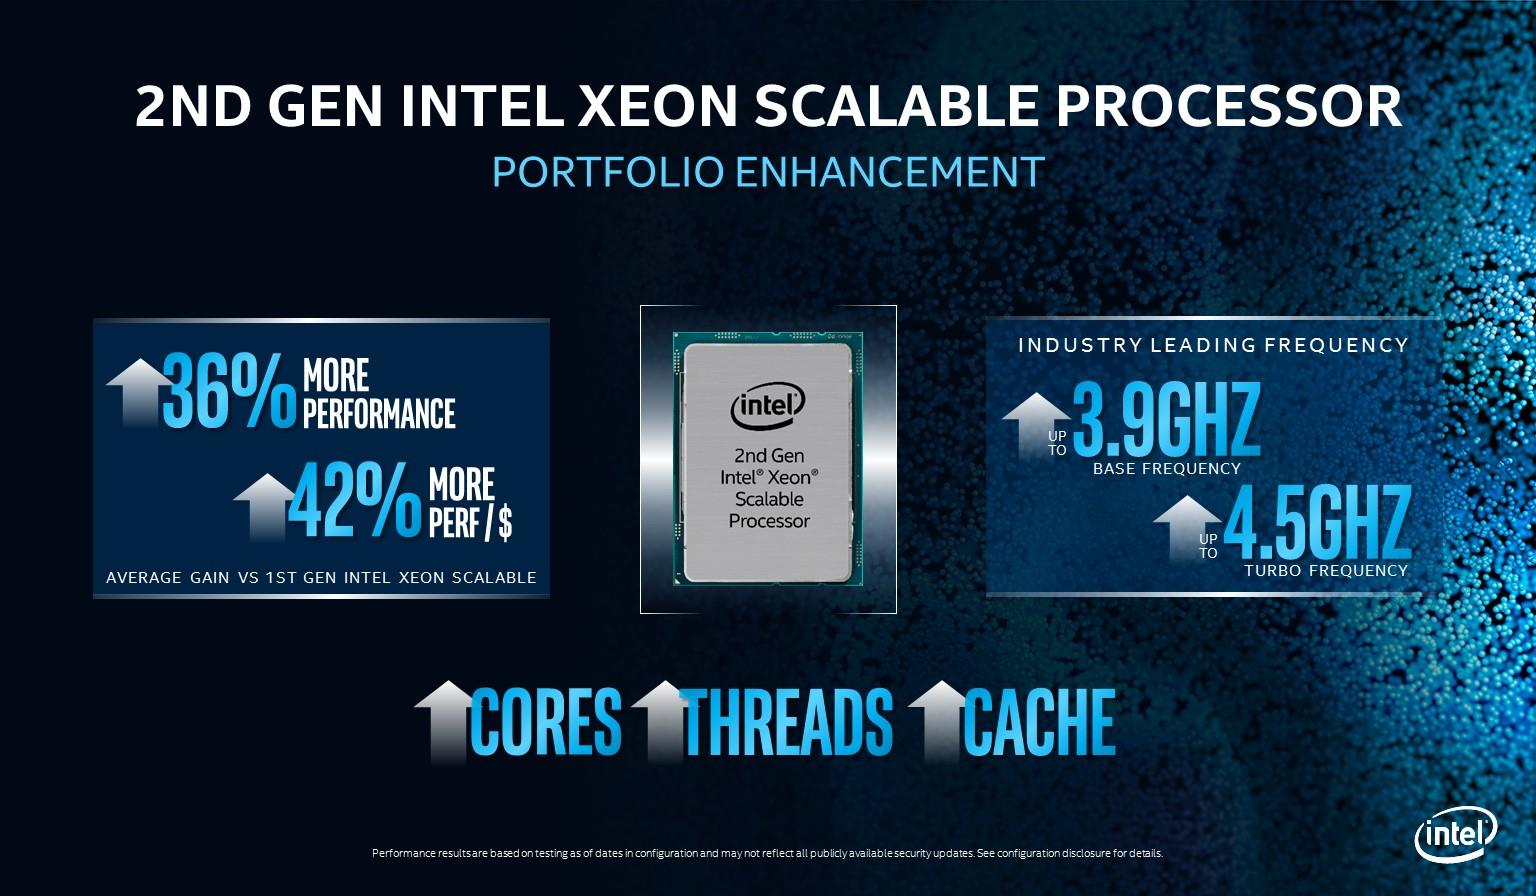 Intel ogłasza gotowość na erę 5G 24